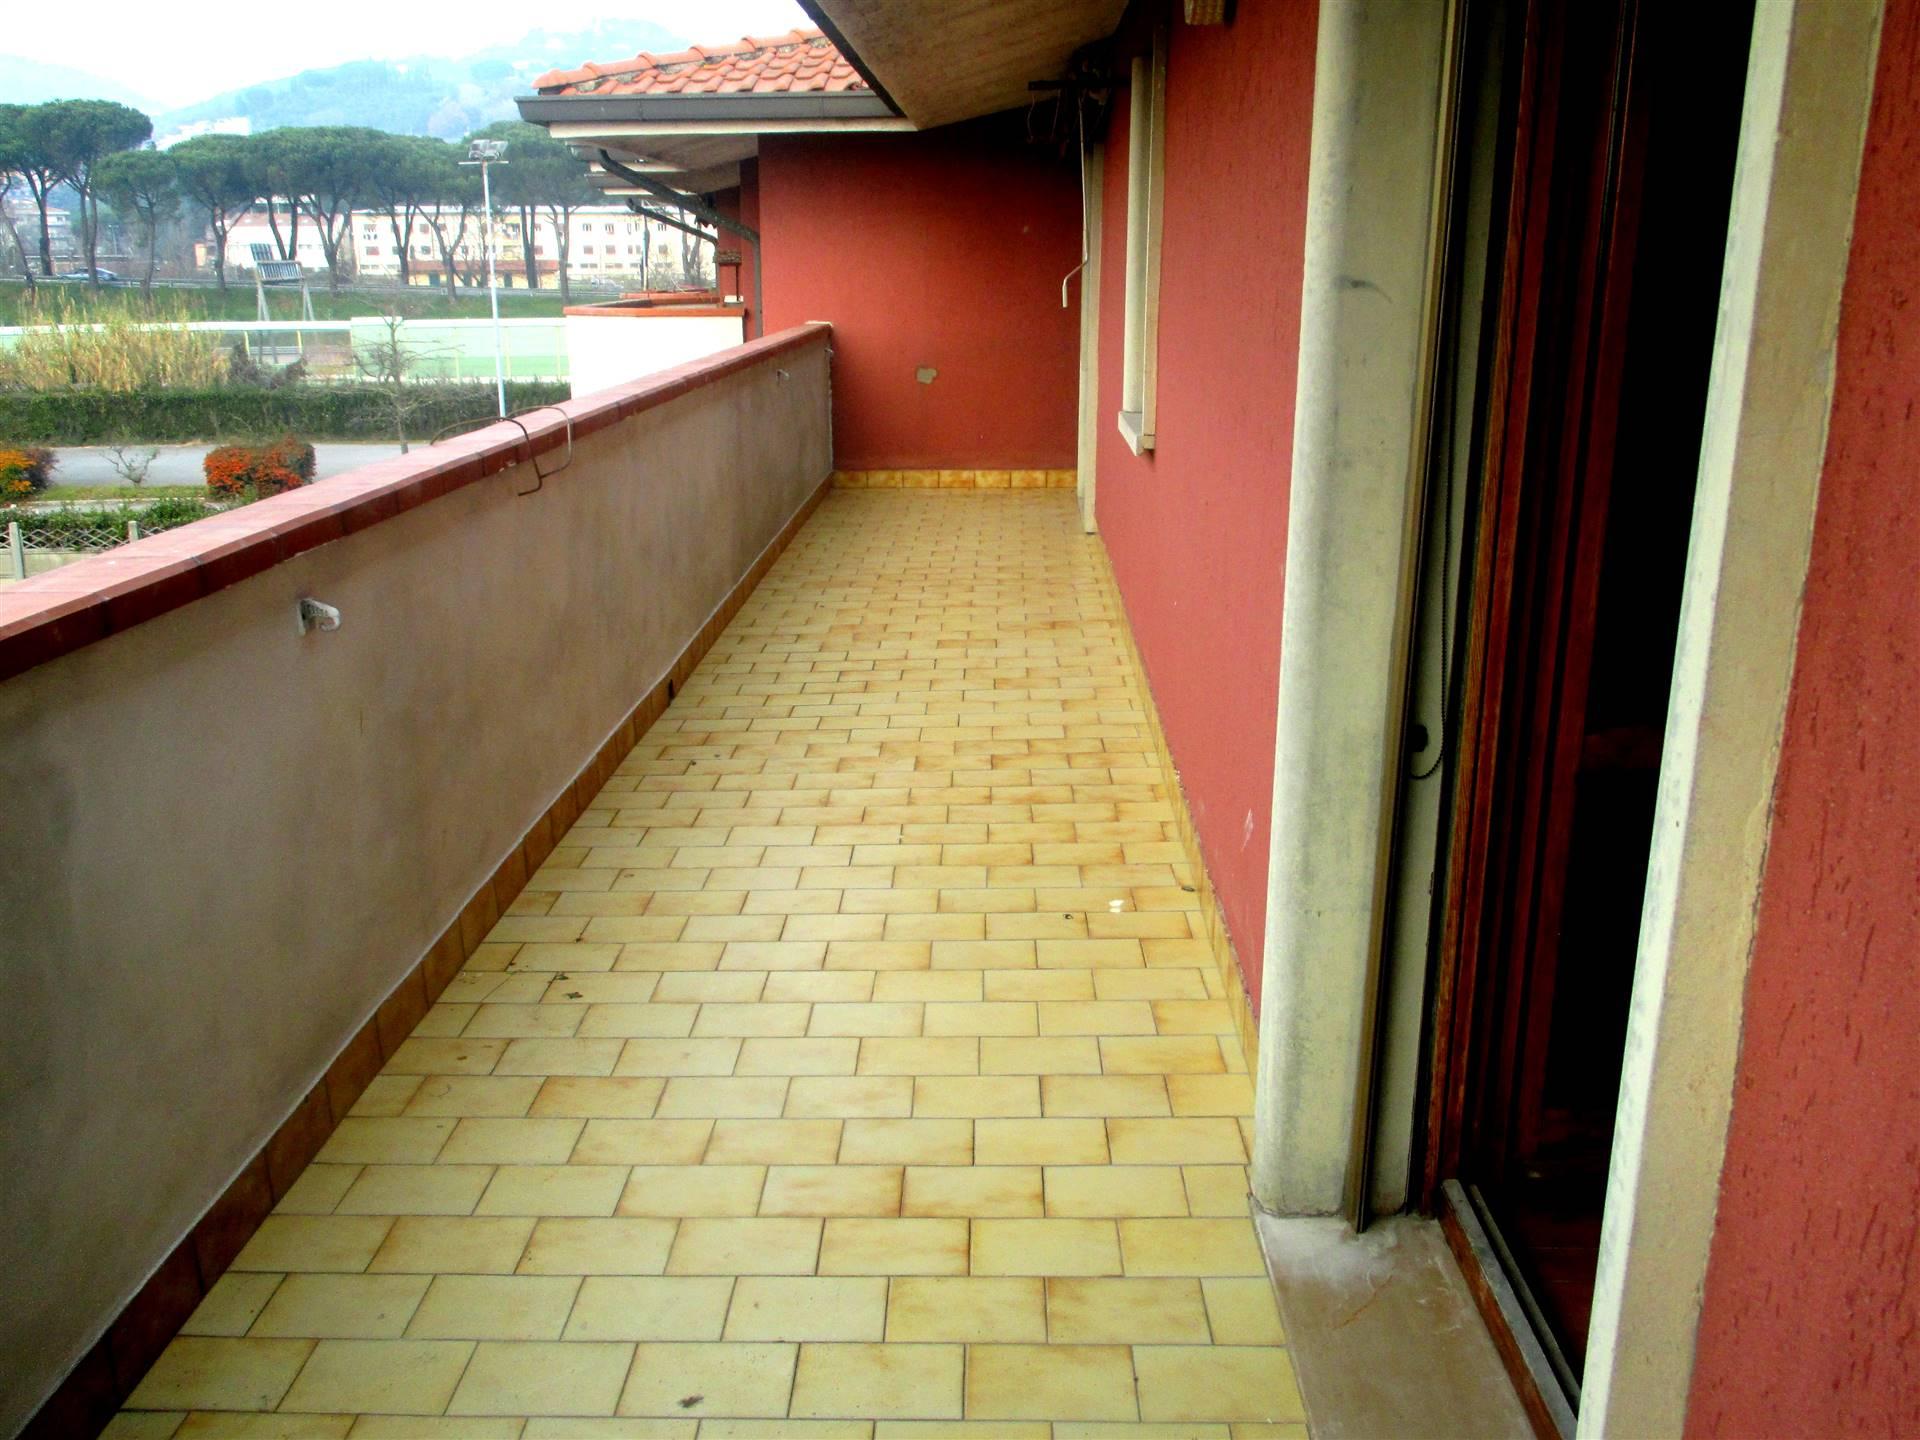 Appartamento in vendita a Pieve a Nievole, 4 locali, prezzo € 100.000   PortaleAgenzieImmobiliari.it